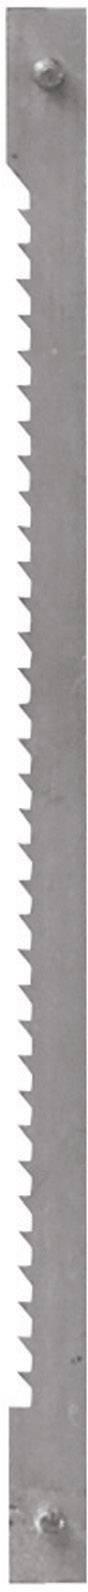 Řezný drát pily Dremel MM722, 3 ks